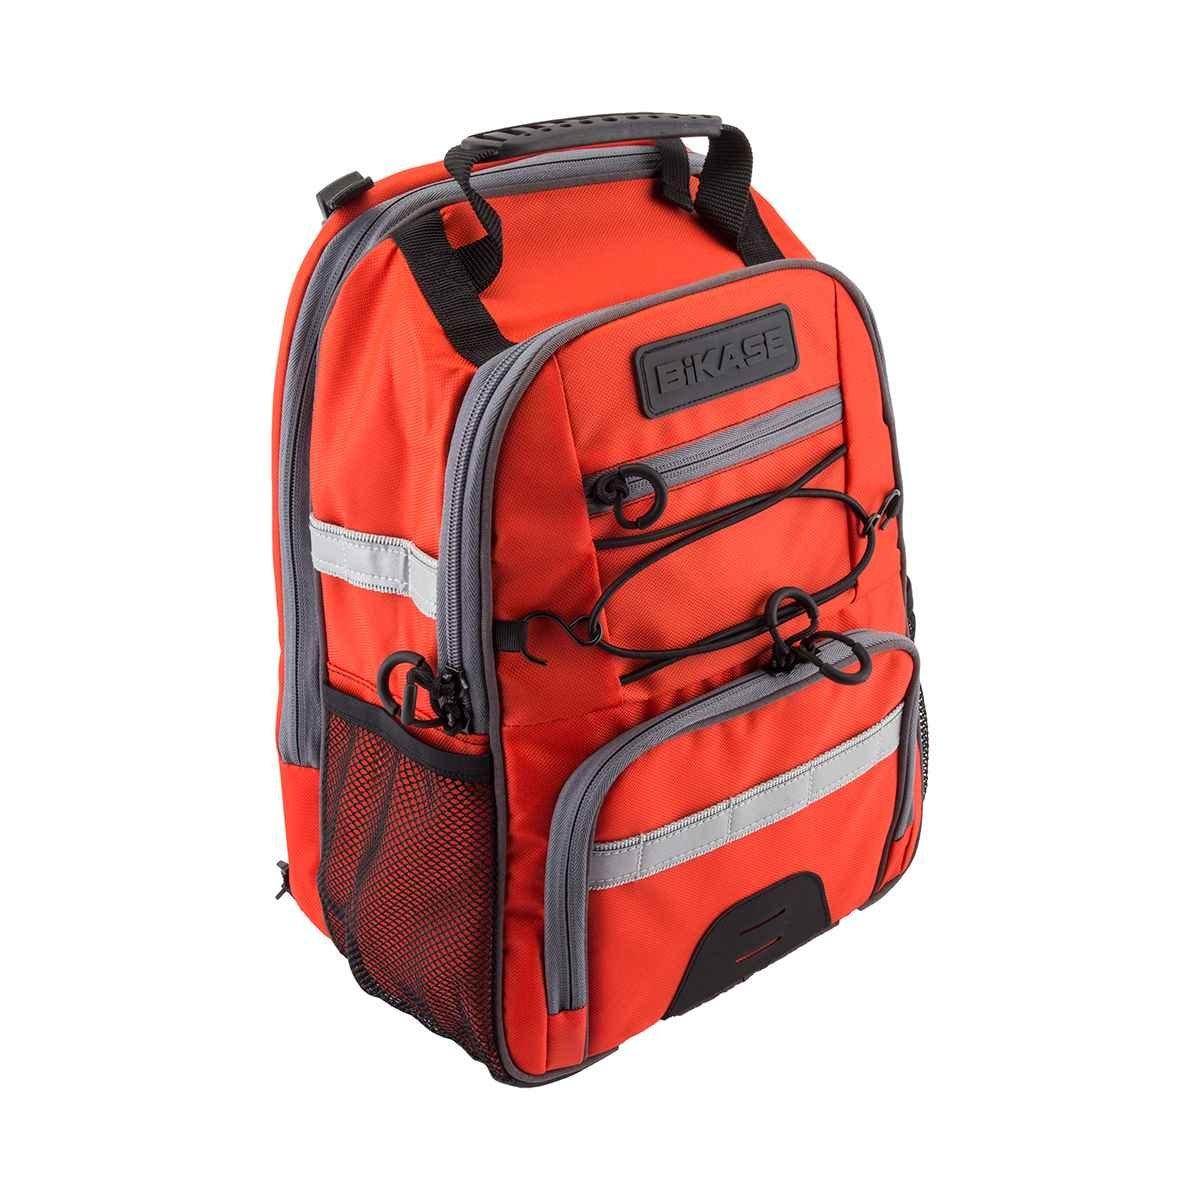 BiKase 2021 Outlier Backpack/Pannier 1200Ci Orange